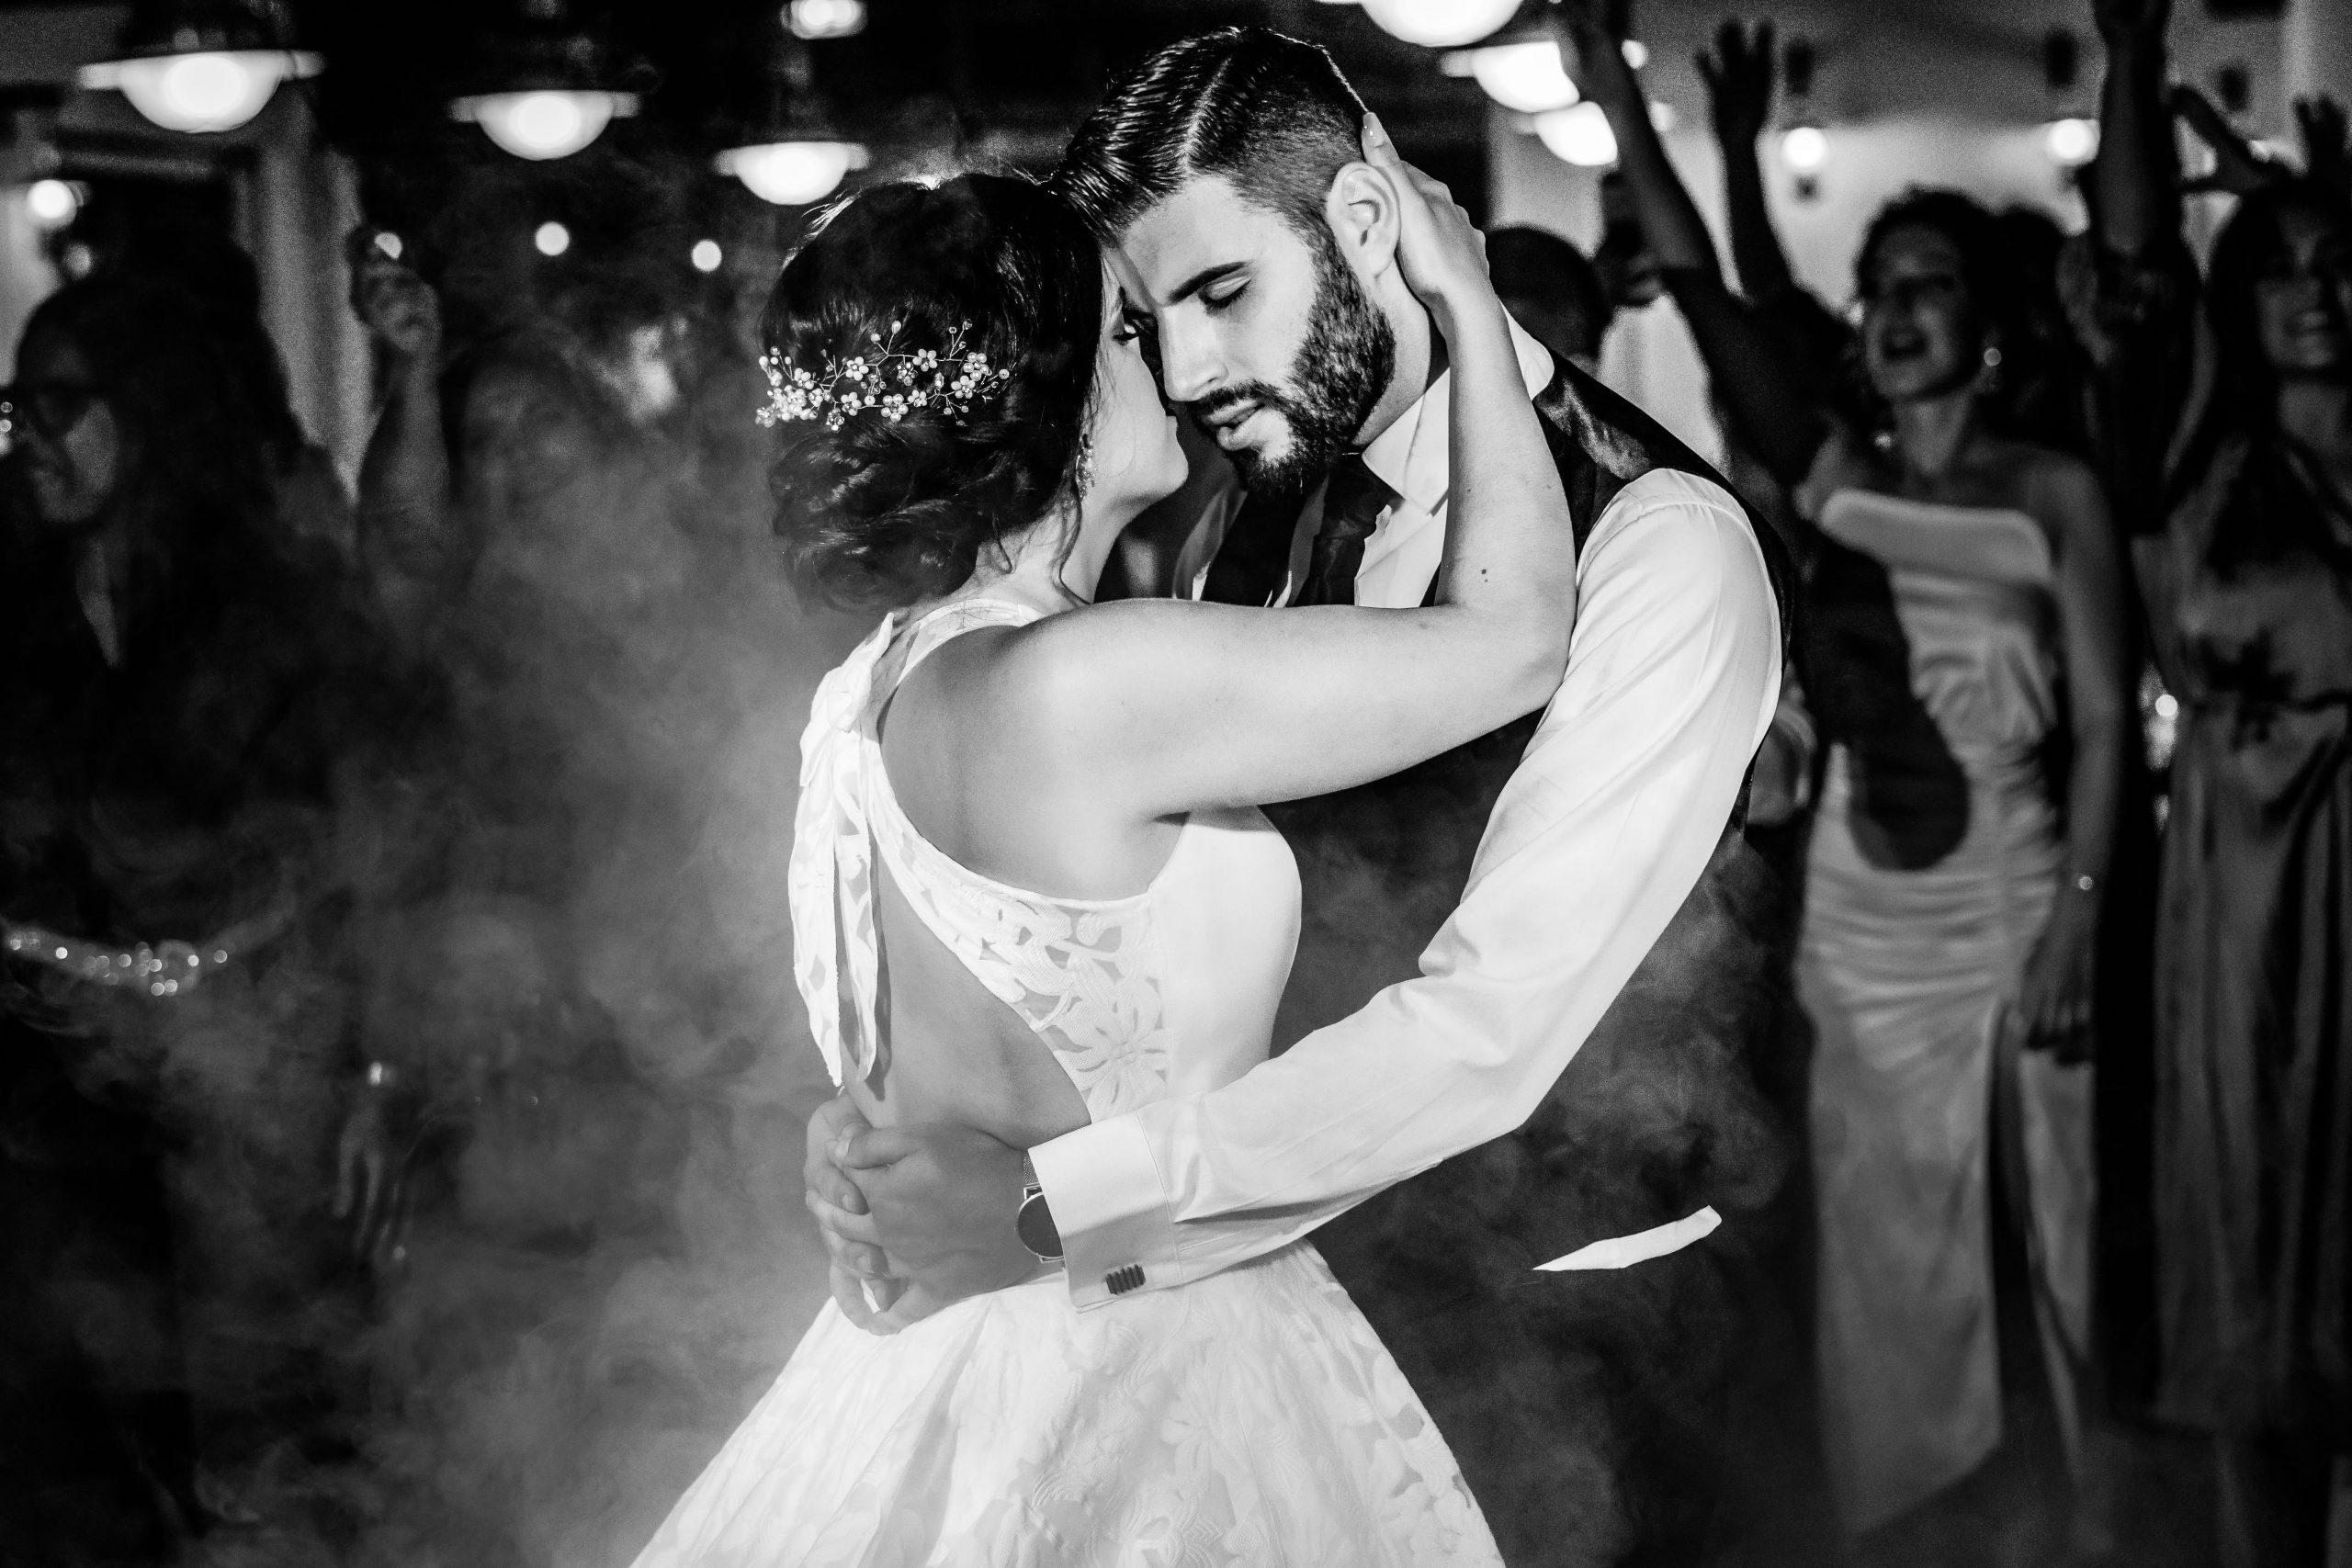 Multikulturelle Hochzeiten